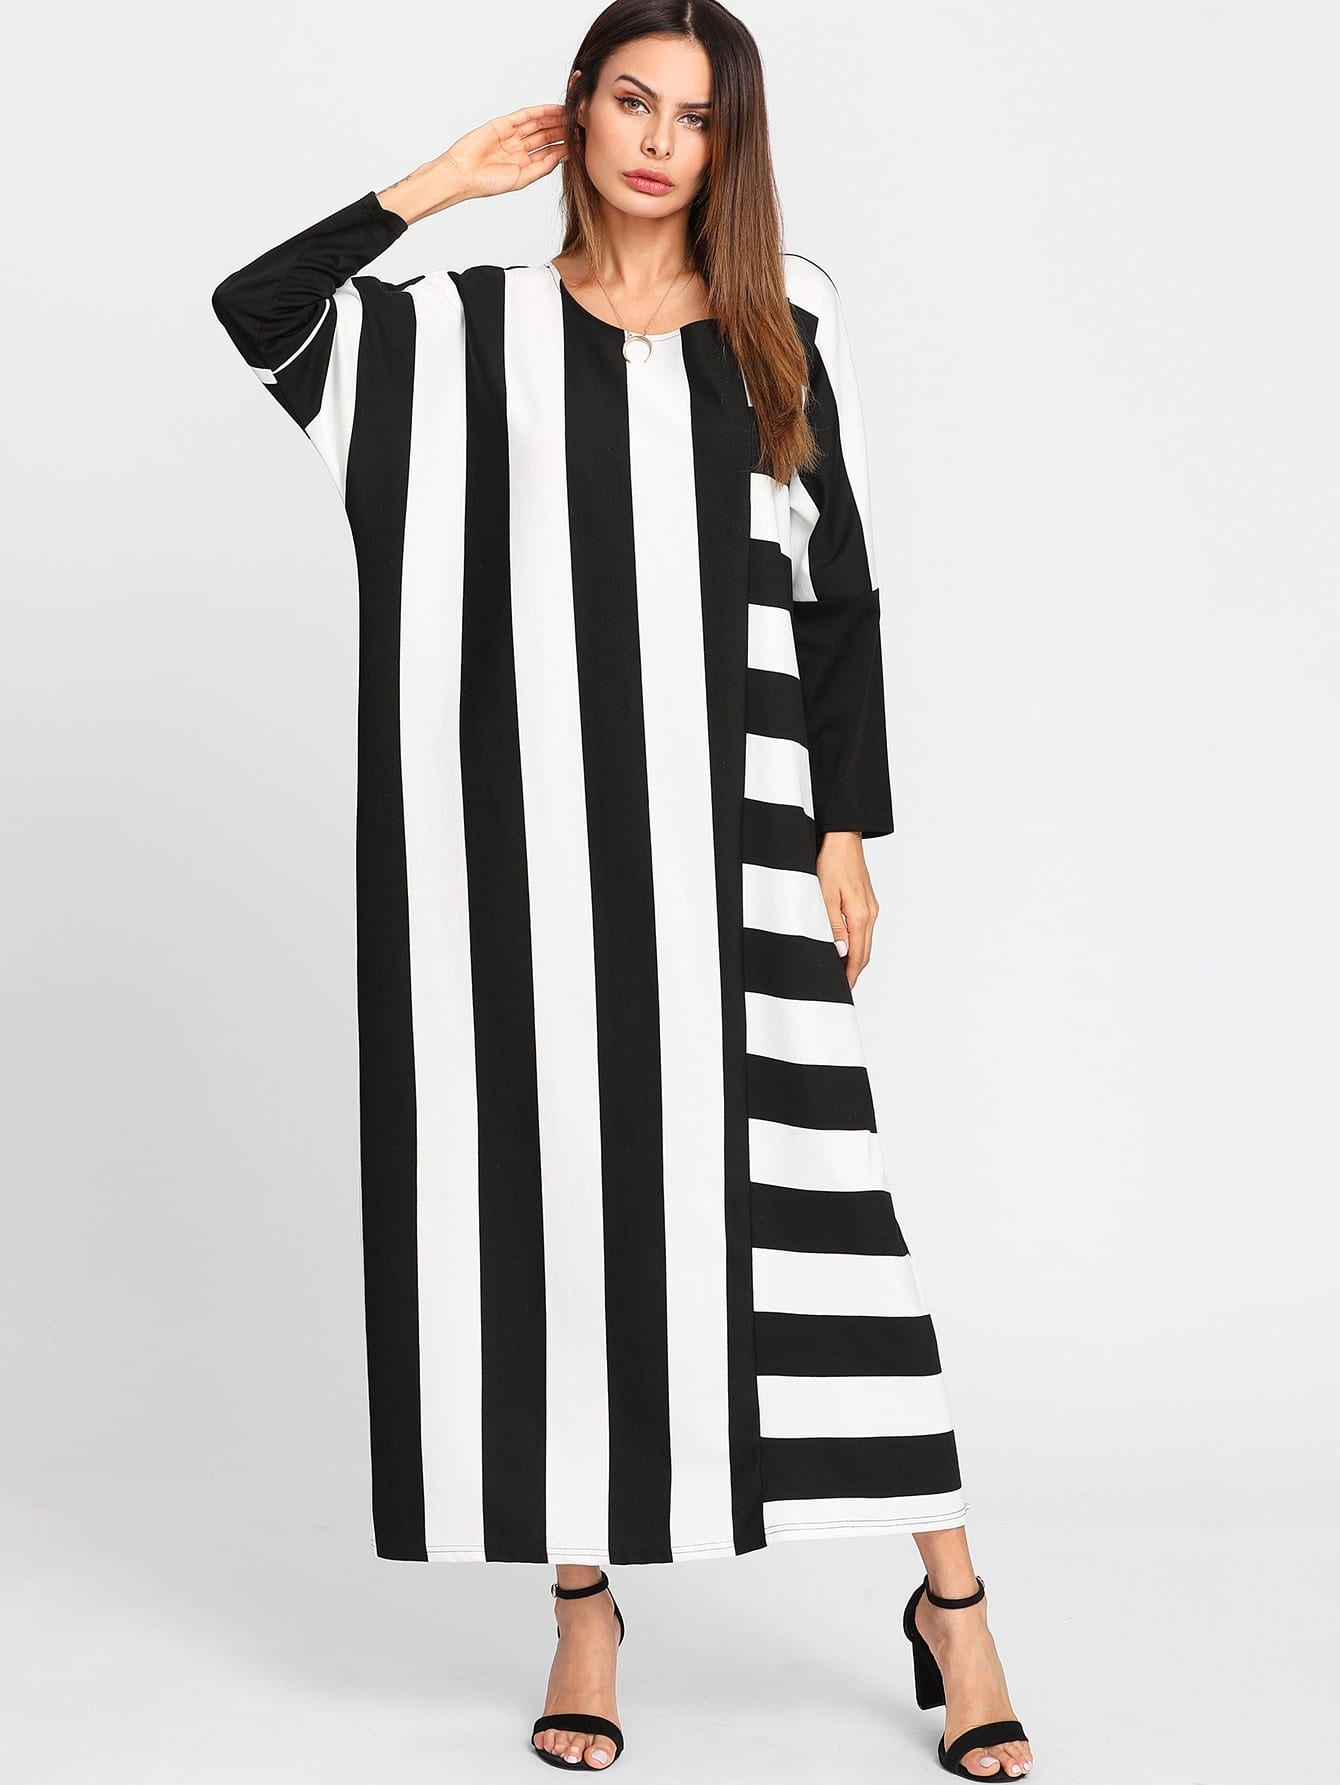 Contrast Stripe Dolman Sleeve Dress